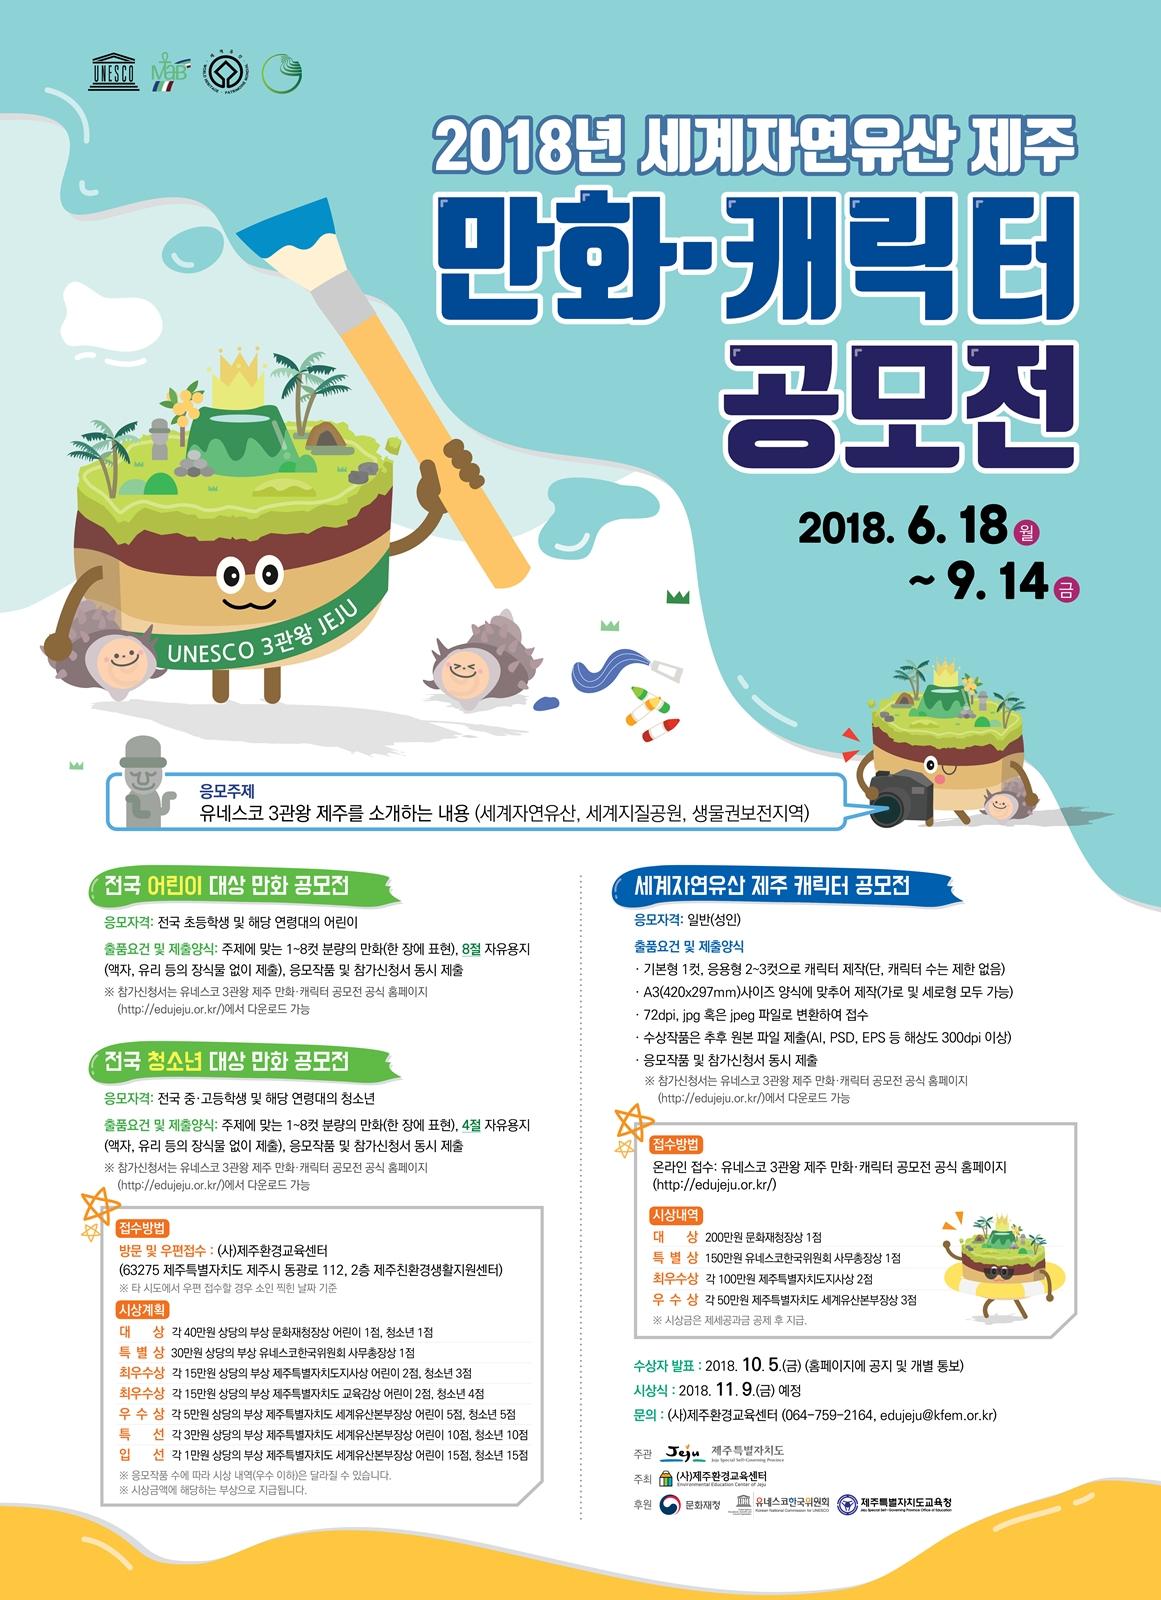 2018년 세계자연유산 제주 만화·캐릭터 공모전